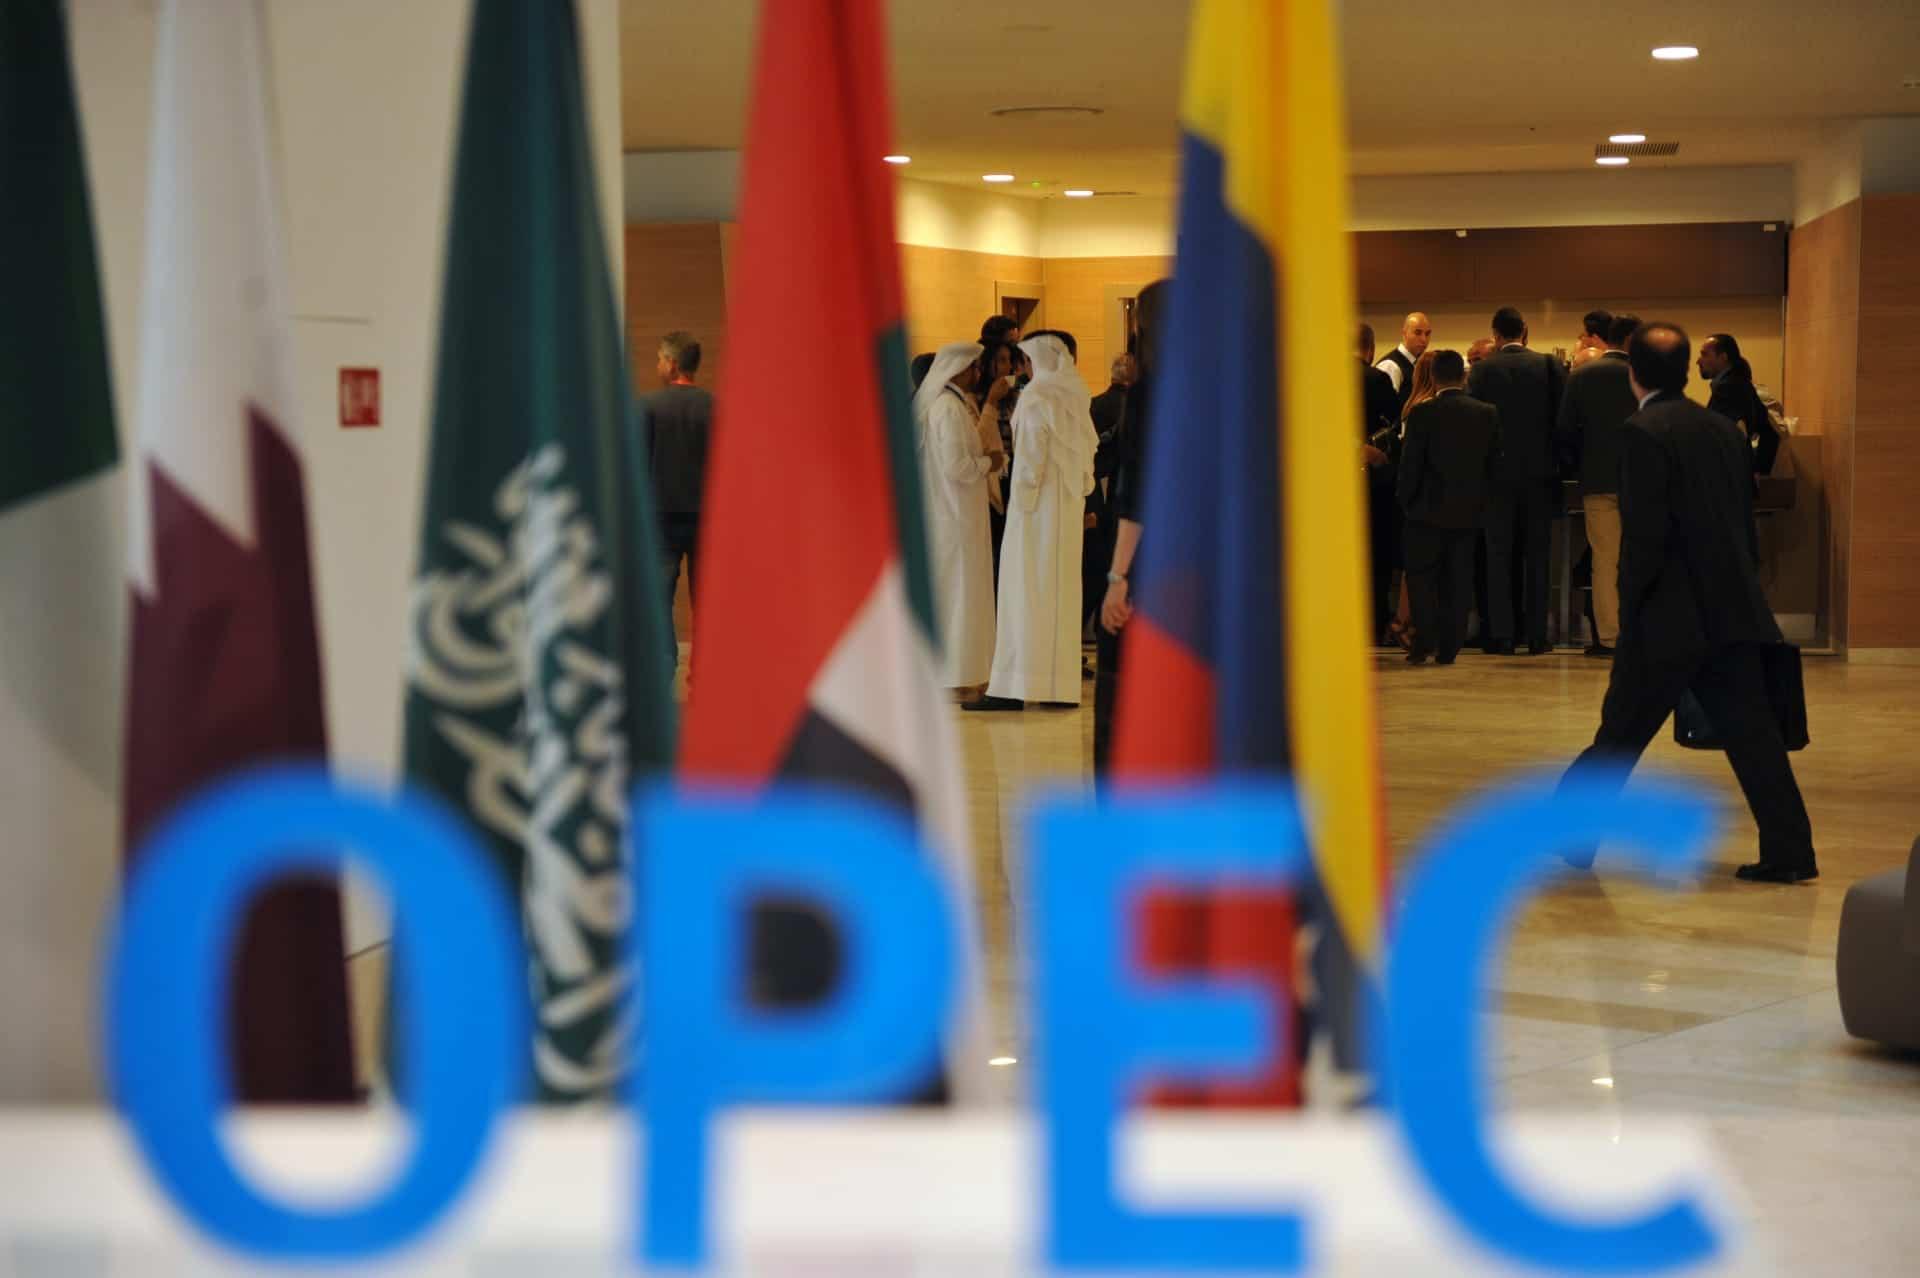 """أزمة الرياض وأبوظبي تشتعل.. اجتماع """"أوبك+"""" ألغي بآخر دقيقة ومخاوف من ارتفاع أسعار النفط"""